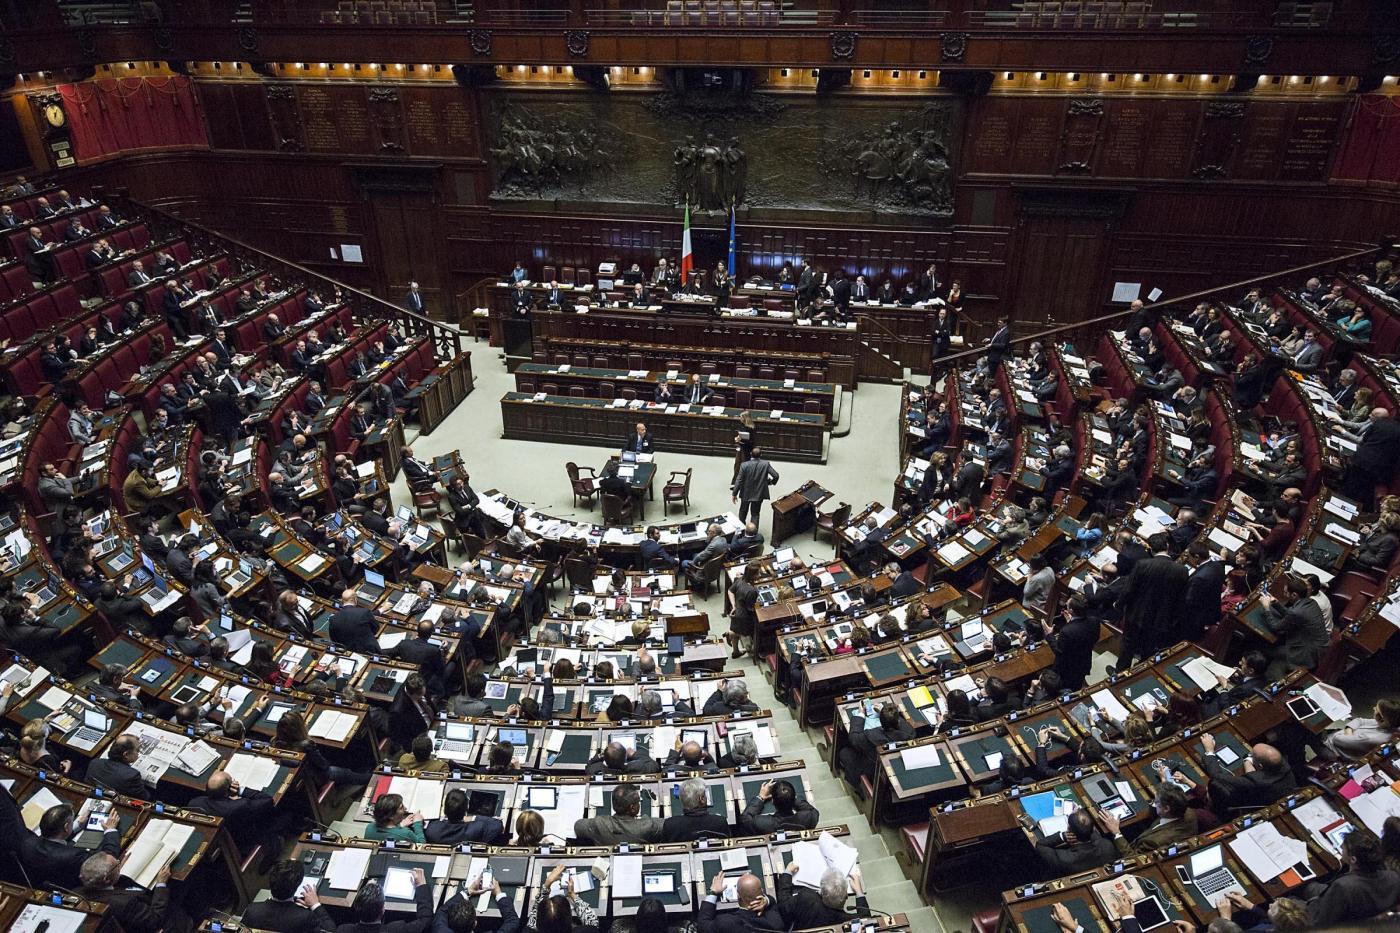 Costo Parlamento italiano 2015: solo la Camera costerà 1 miliardo di euro